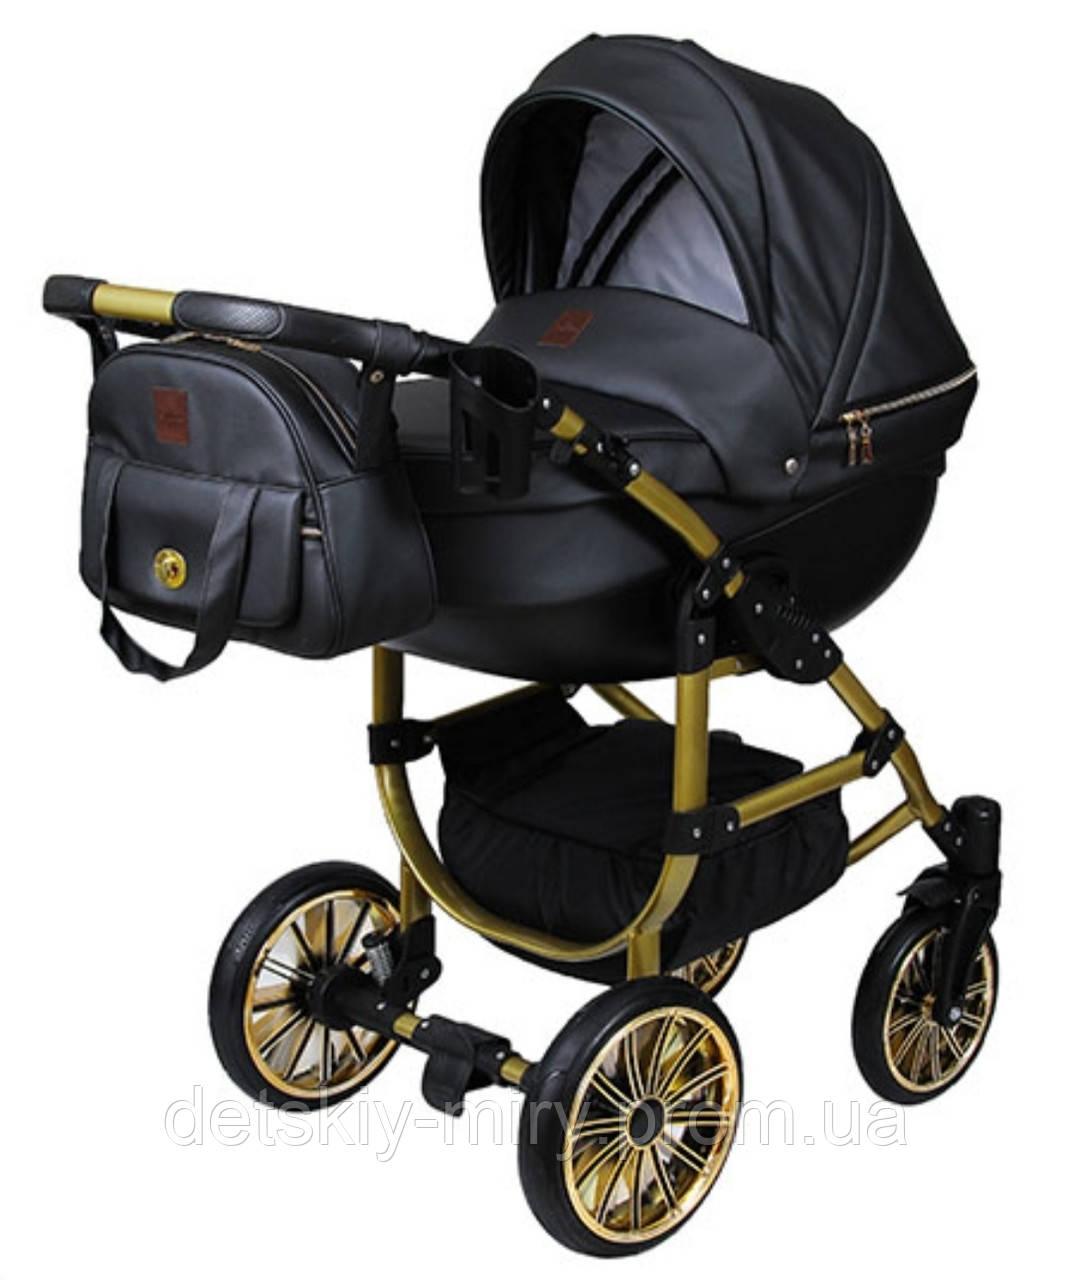 Детская универсальная коляска 2 в 1 Novita Perla - фото 1